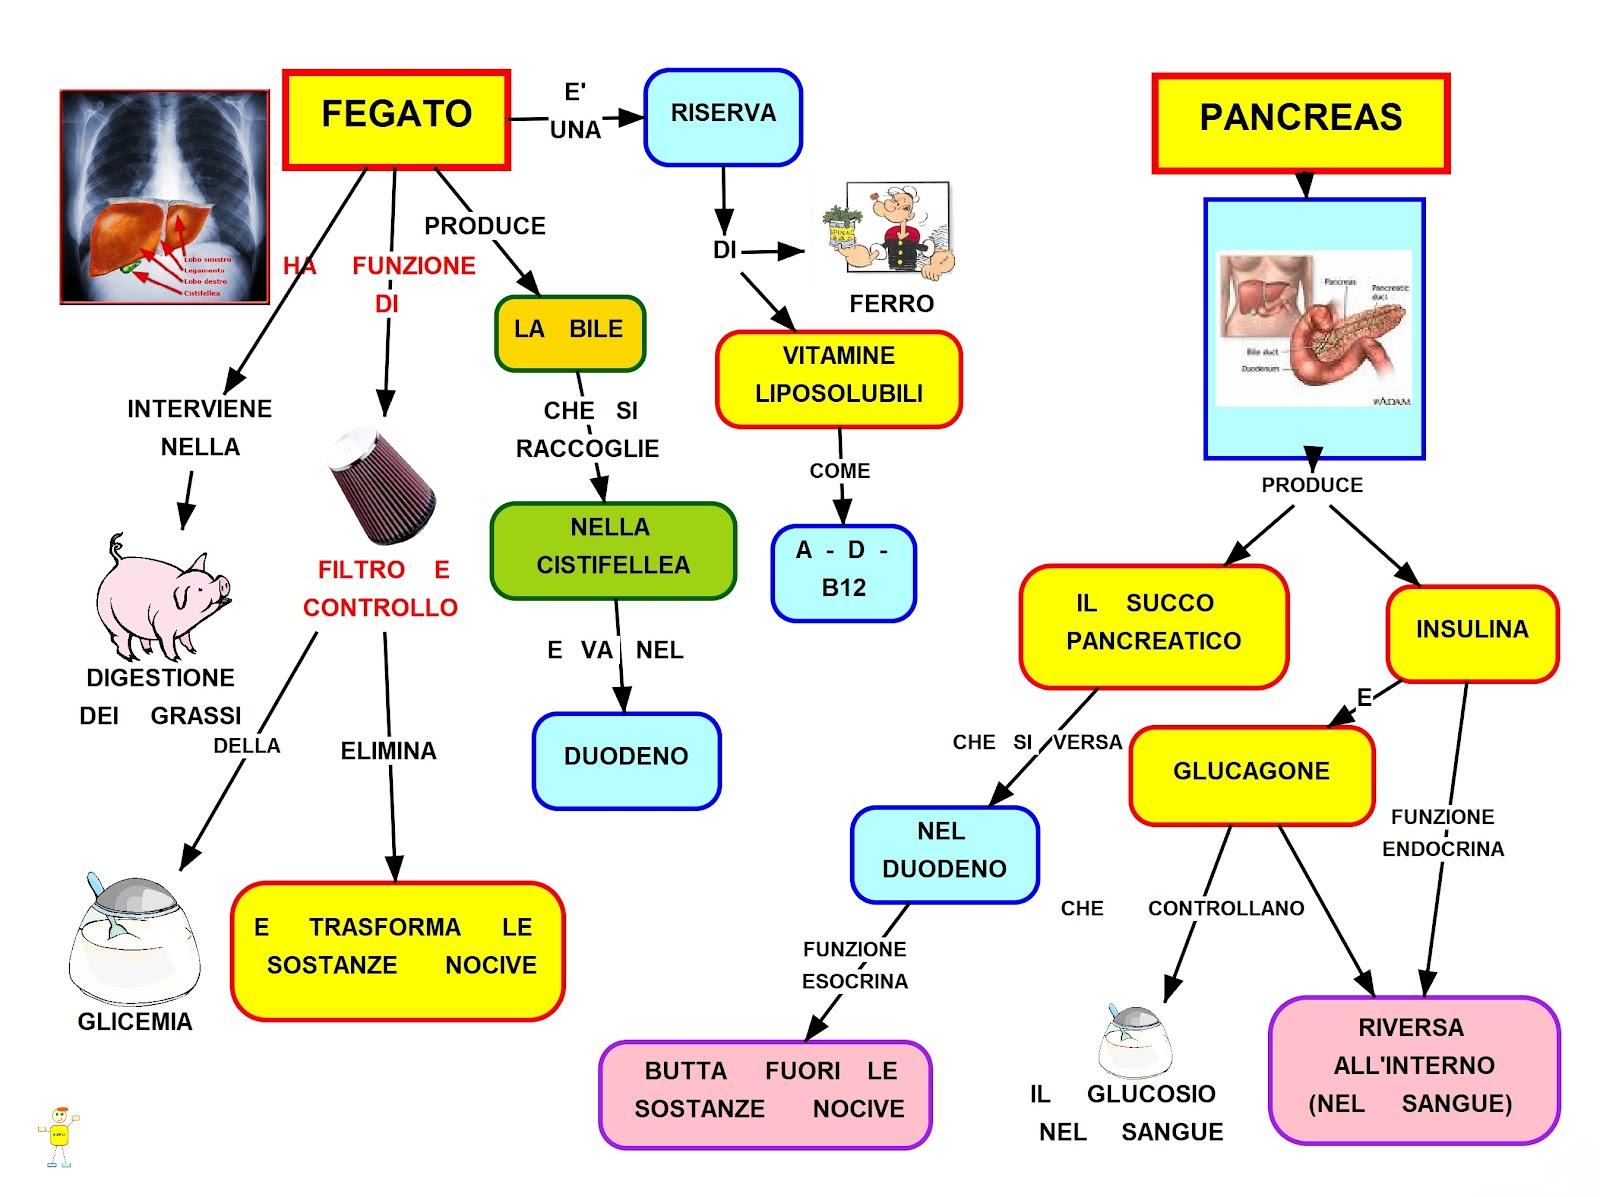 Fegato e Pancreas: schema riassuntivo delle funzioni